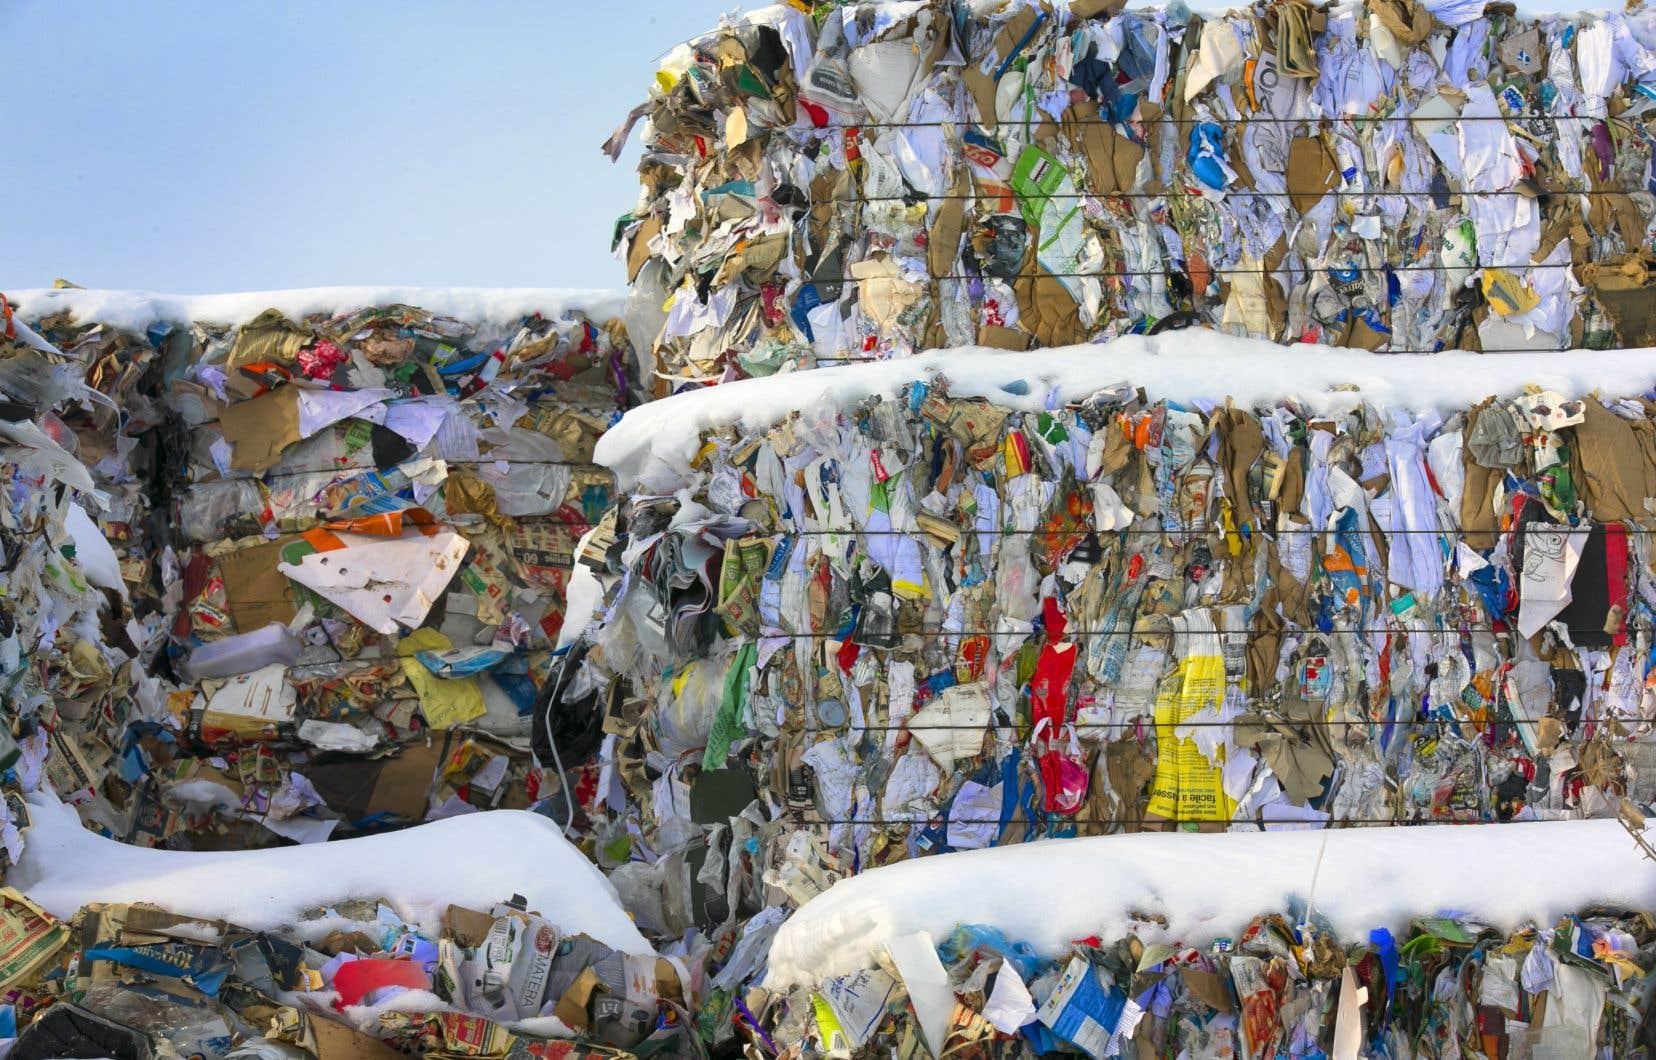 Le gouvernement confie la gestion du système de recyclage aux entreprises qui produisent des contenants et emballages.